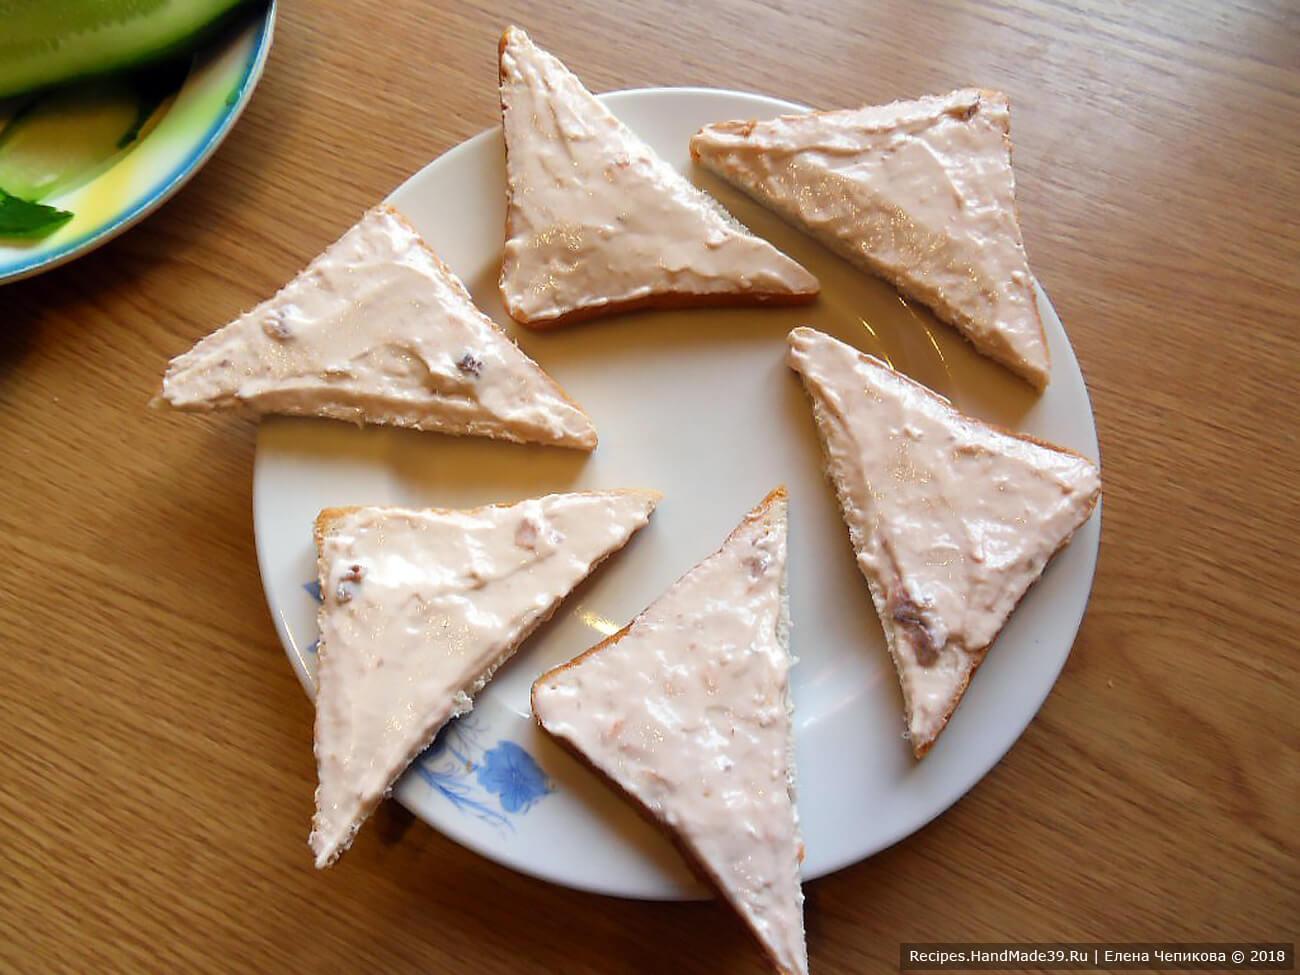 Тостовый хлеб разрезать по диагонали (на треугольники). Намазать на хлеб сырно-рыбную пасту